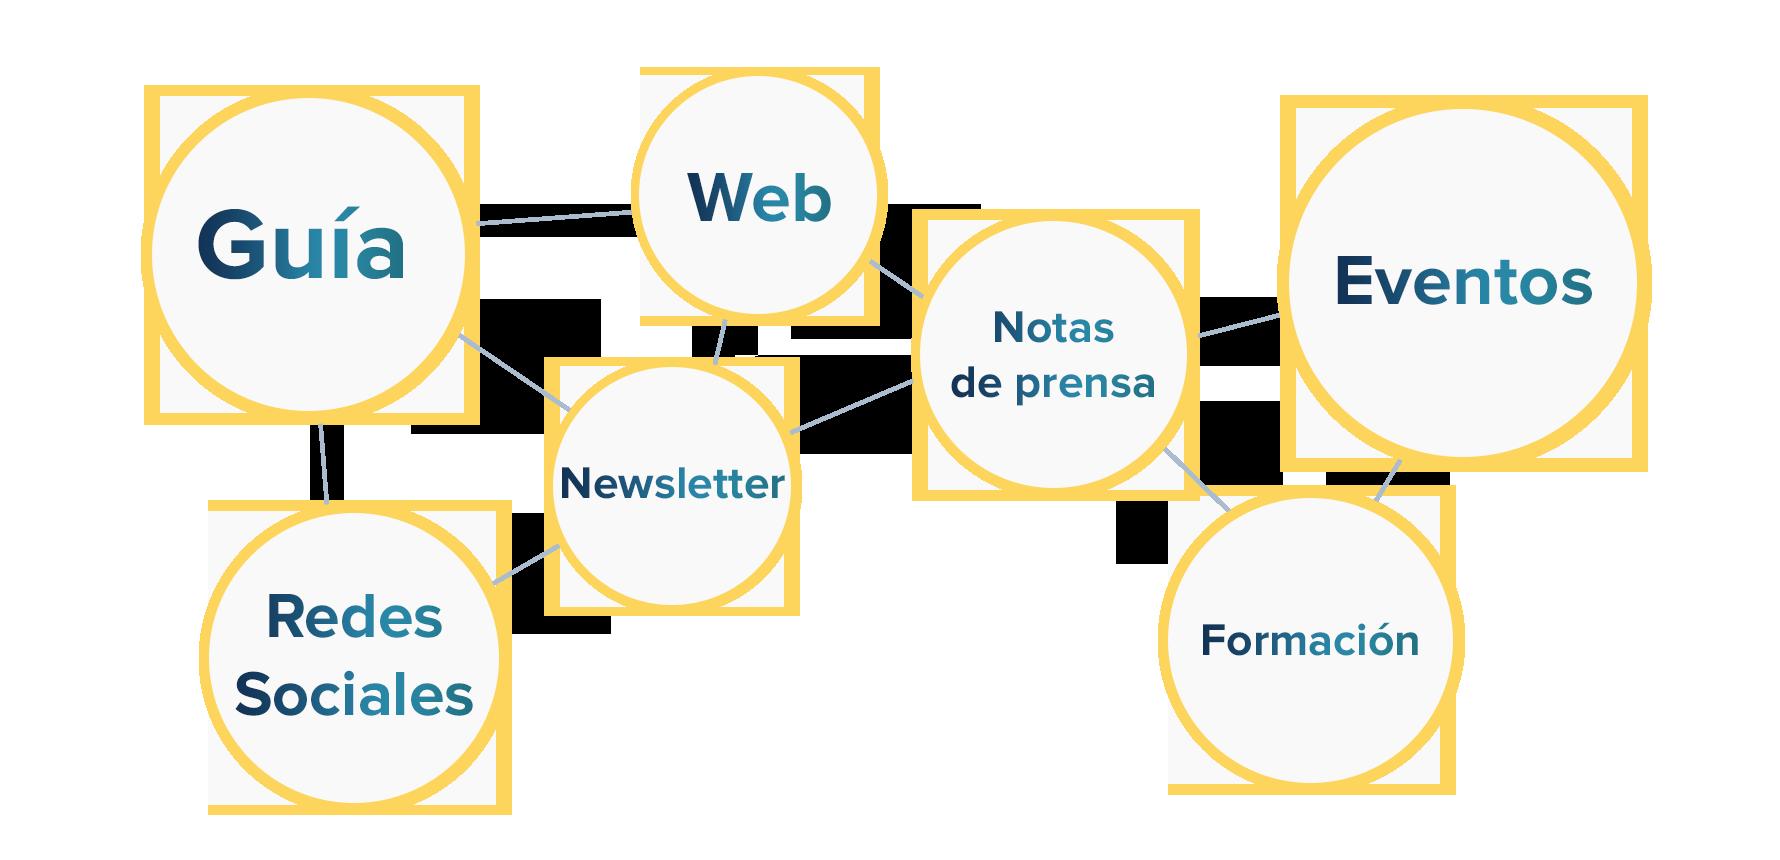 Esquema de áreas de comunicación: guía, web, eventos, redes sociales, newsletter, notas de prensa y formación